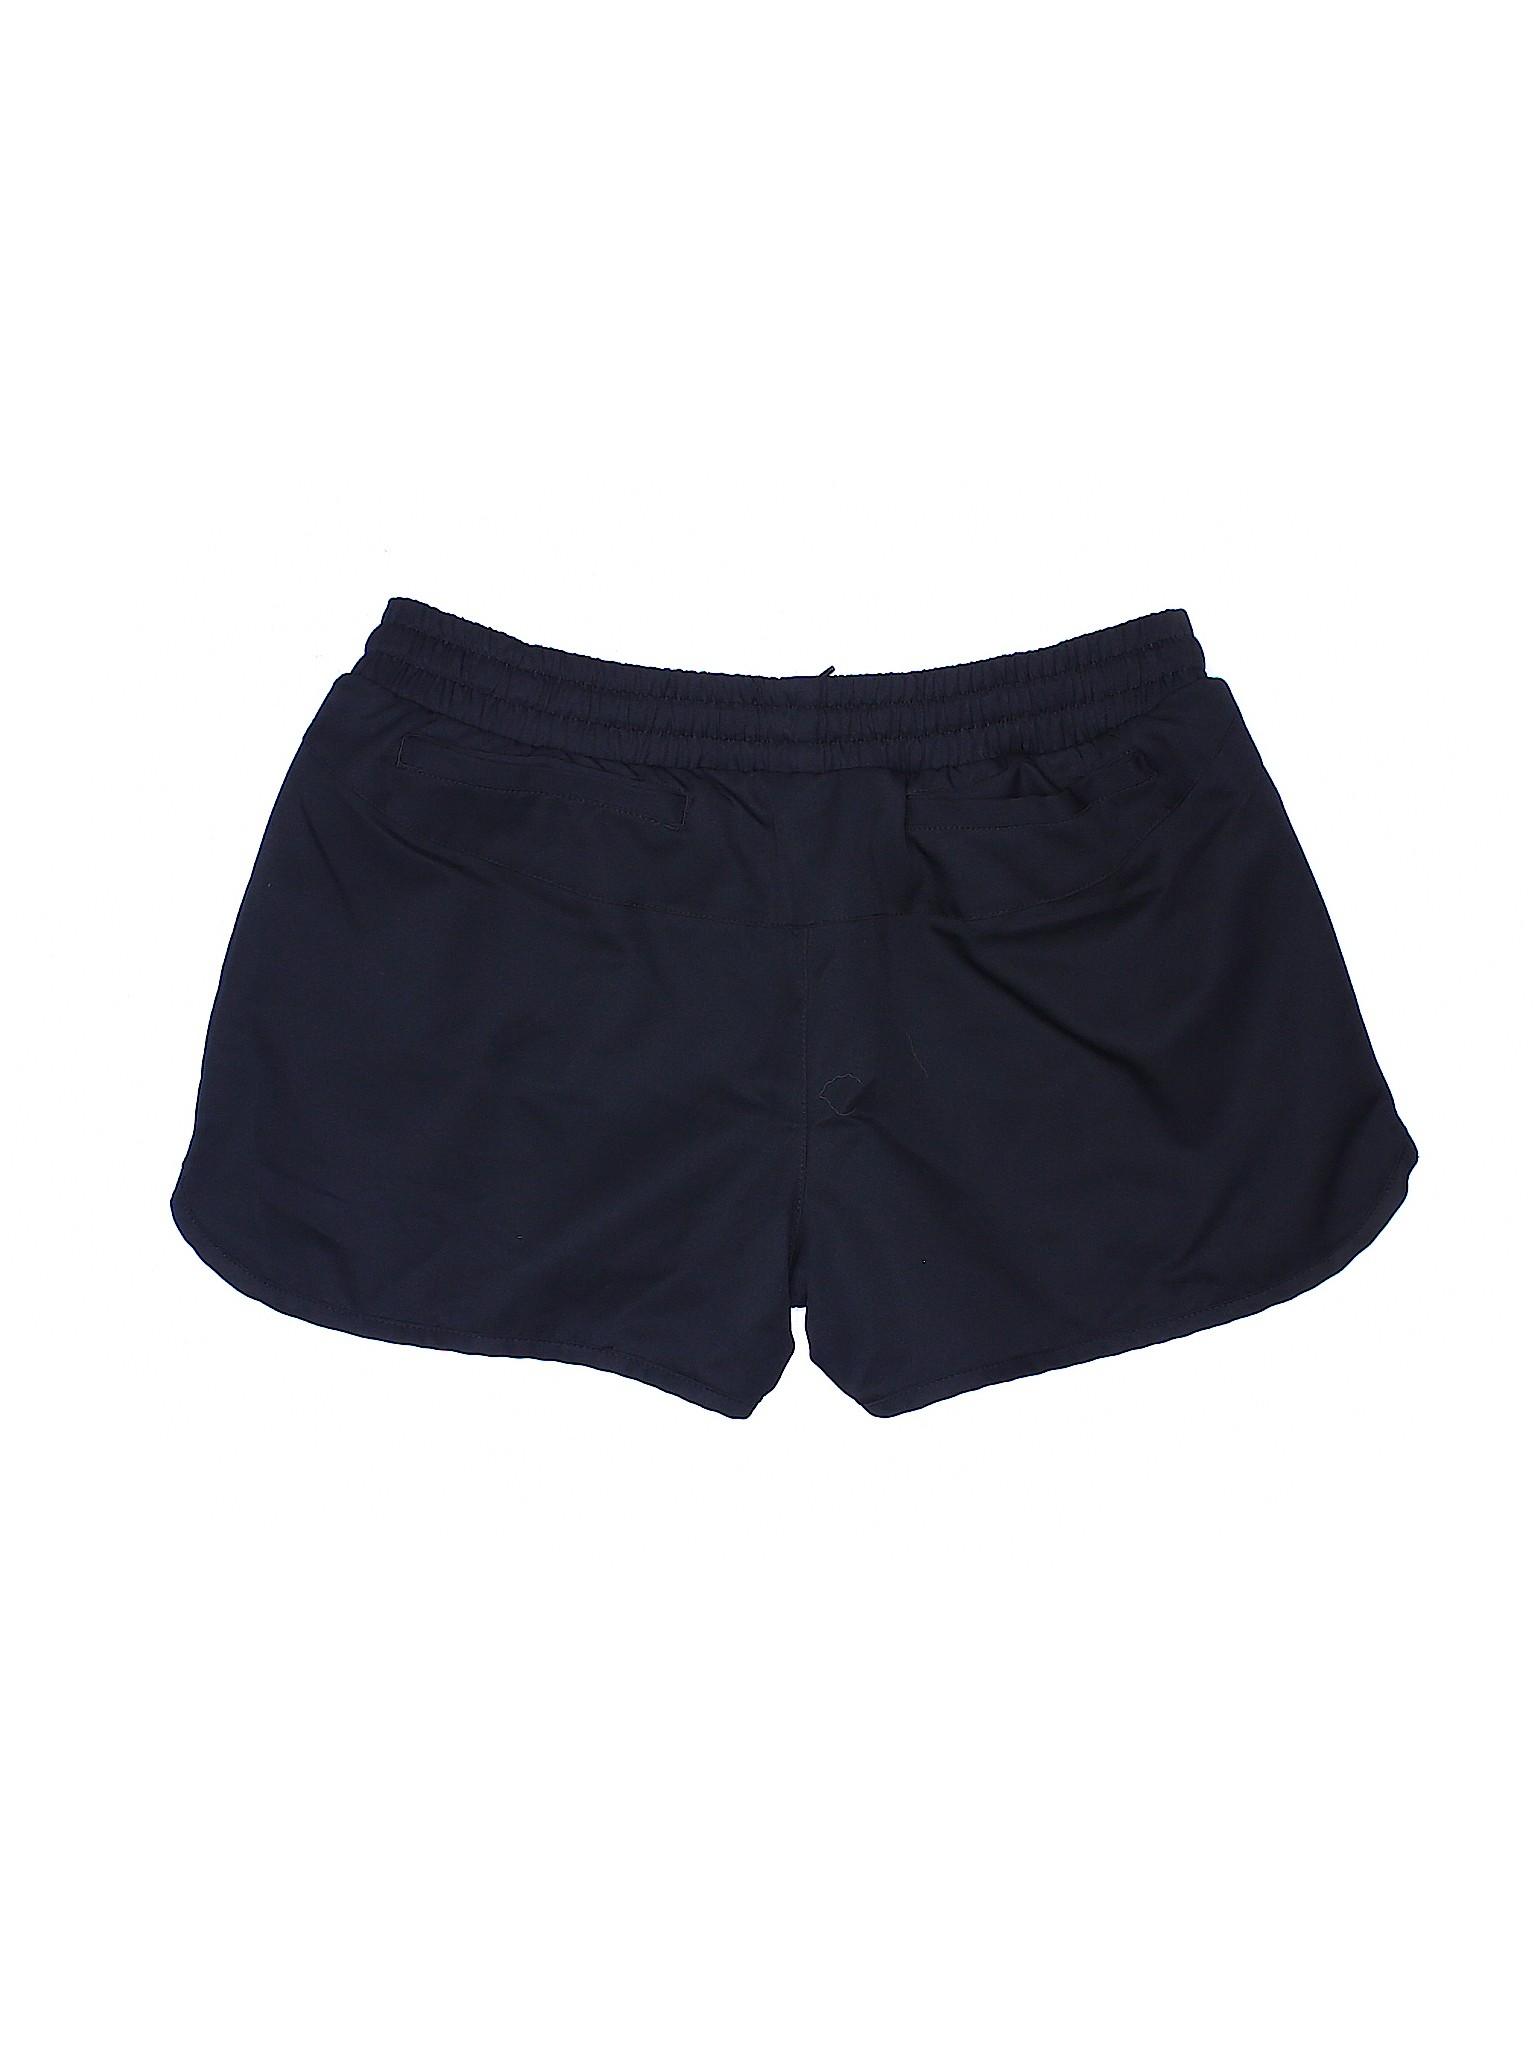 Boutique Athletic Athletic Boutique Shorts Shorts Shorts Antigua Athletic Shorts Boutique Boutique Boutique Athletic Antigua Antigua Antigua x1ww4Aq